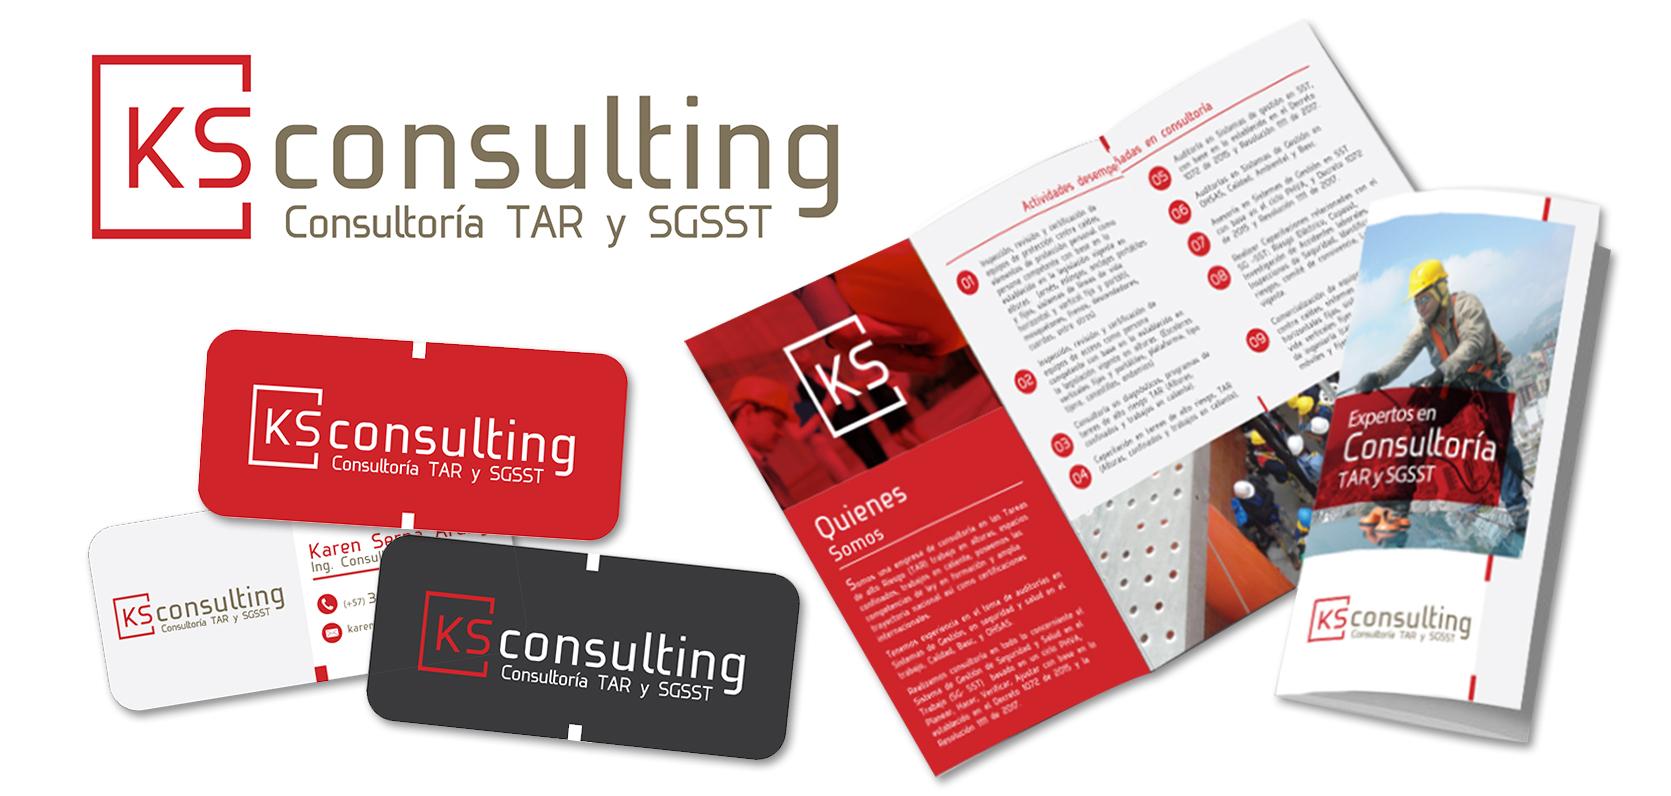 KS Consulting Branding